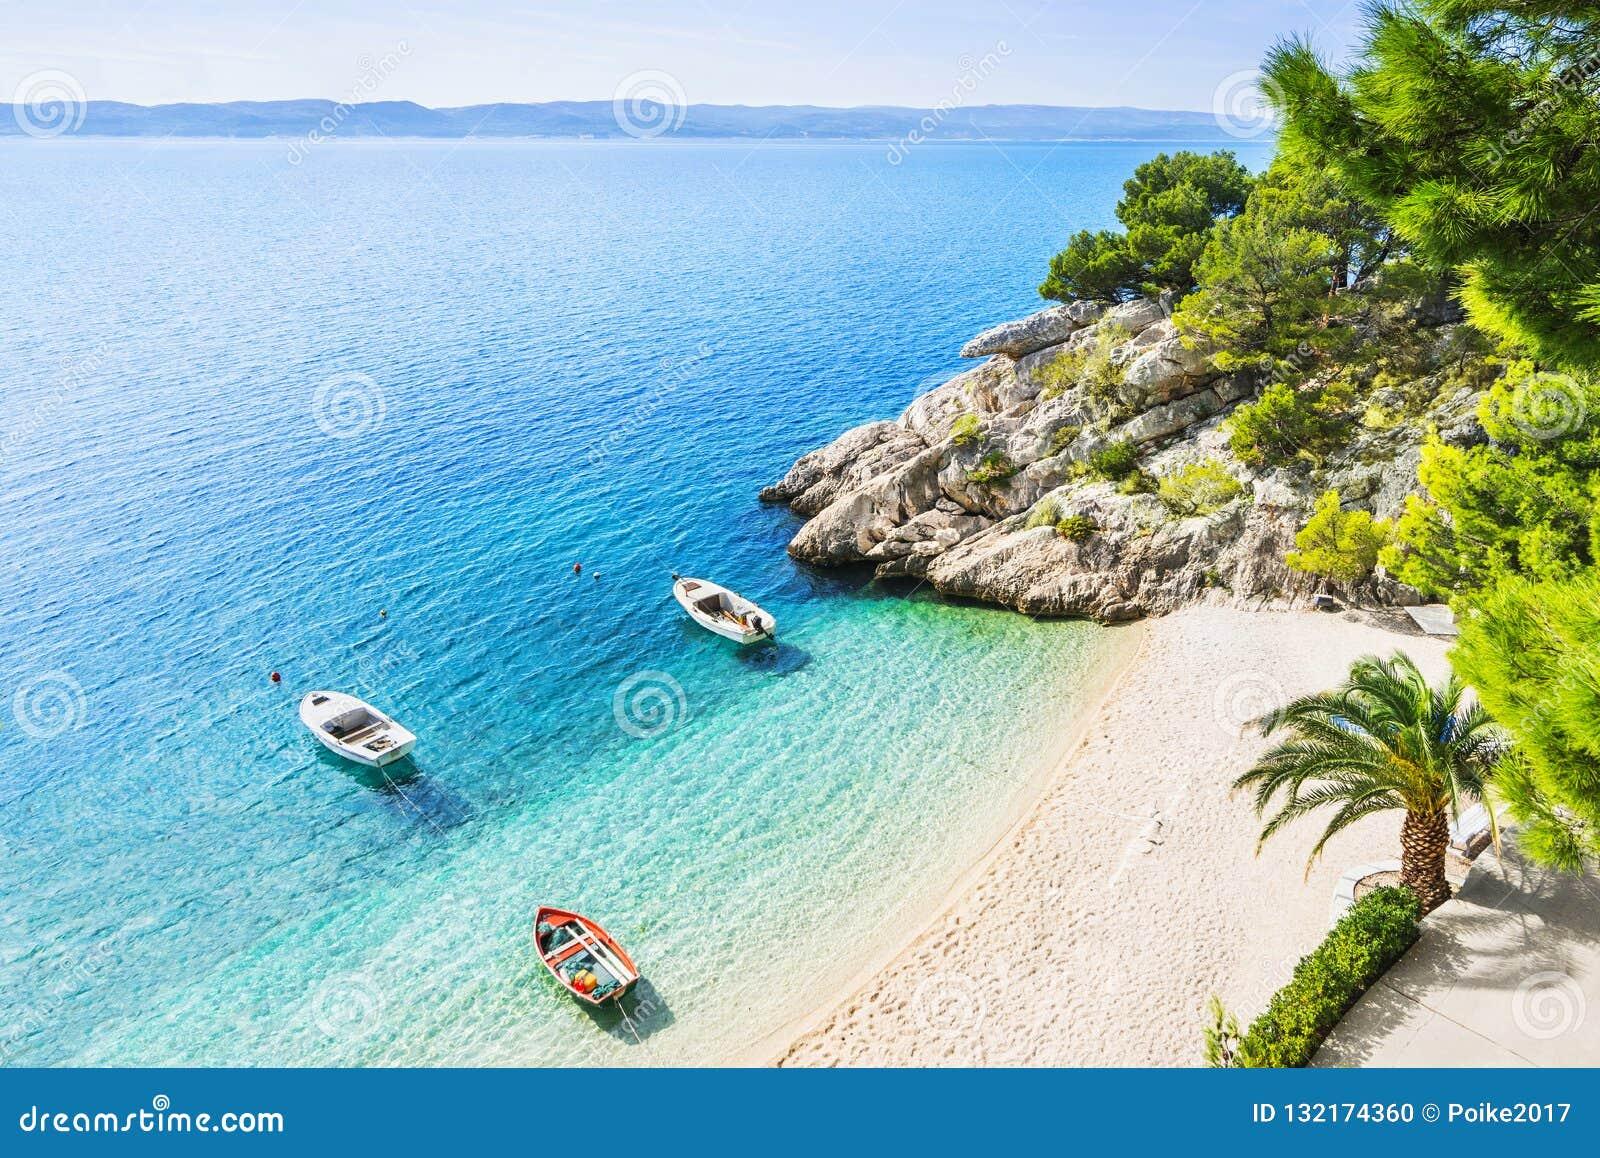 Όμορφη παραλία κοντά στην πόλη Brela, Δαλματία, Κροατία Riviera Makarska, διάσημο ορόσημο και τουριστικός προορισμός ταξιδιού στη